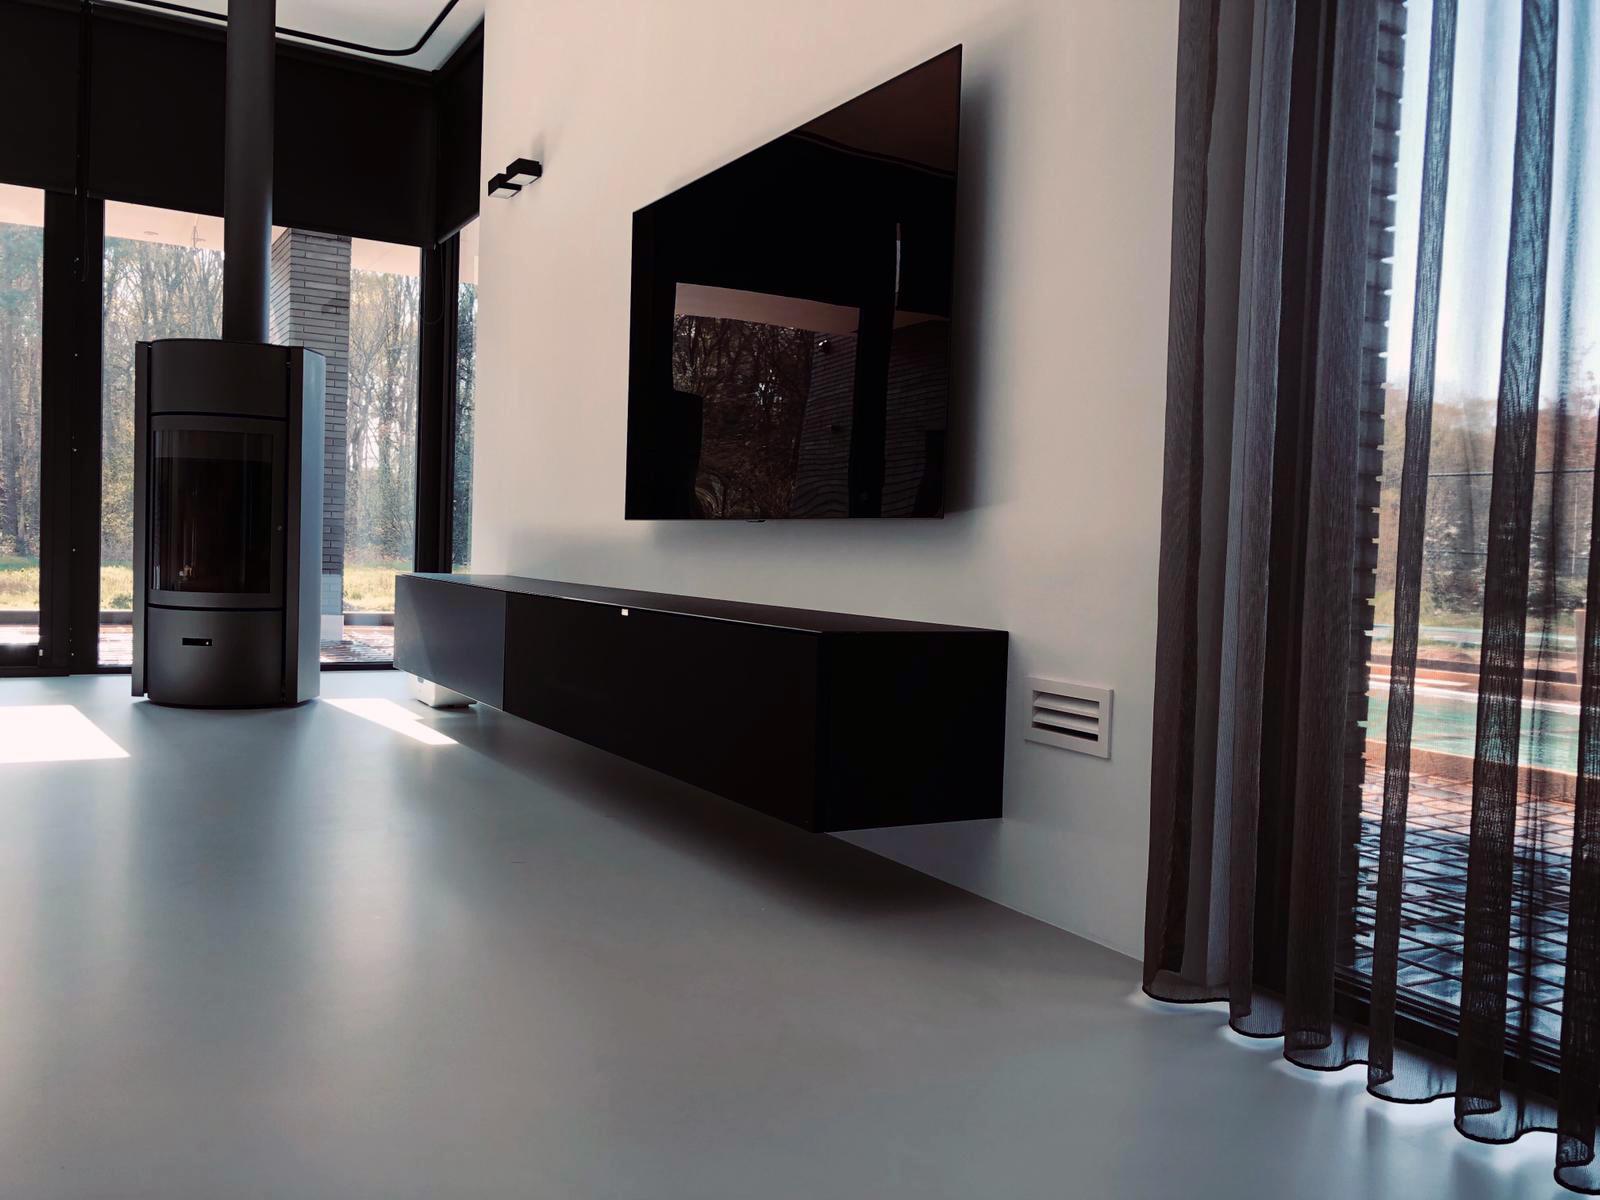 Zwevend Hoogglans Zwart Tv Meubel Flame 1 Lowboard Tv Kast.Spectral Home Next Tv Meubels Spectral Nl